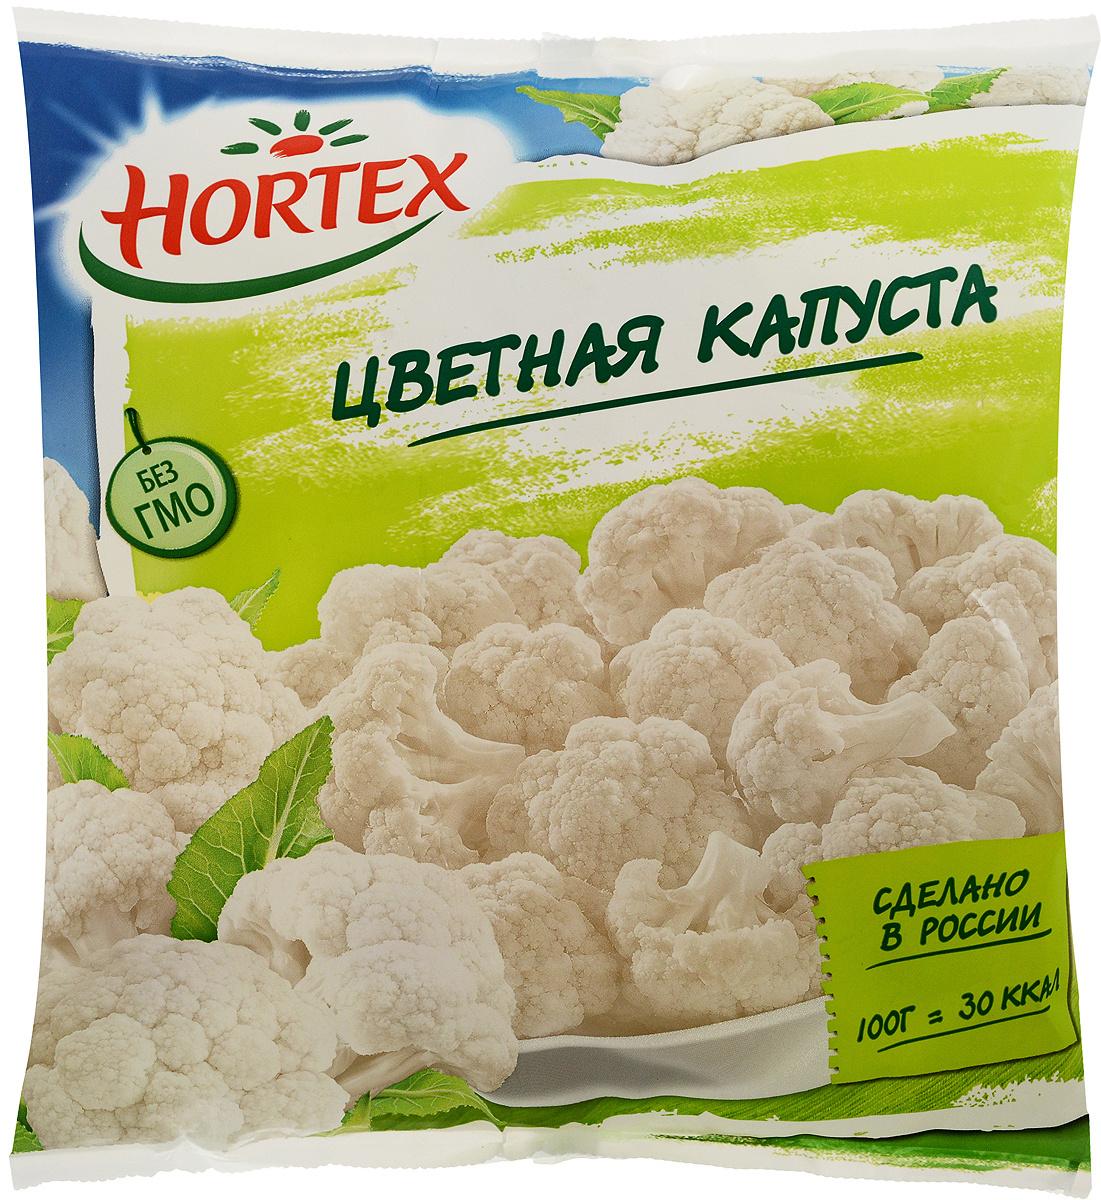 Hortex Цветная капуста, 400 г #1